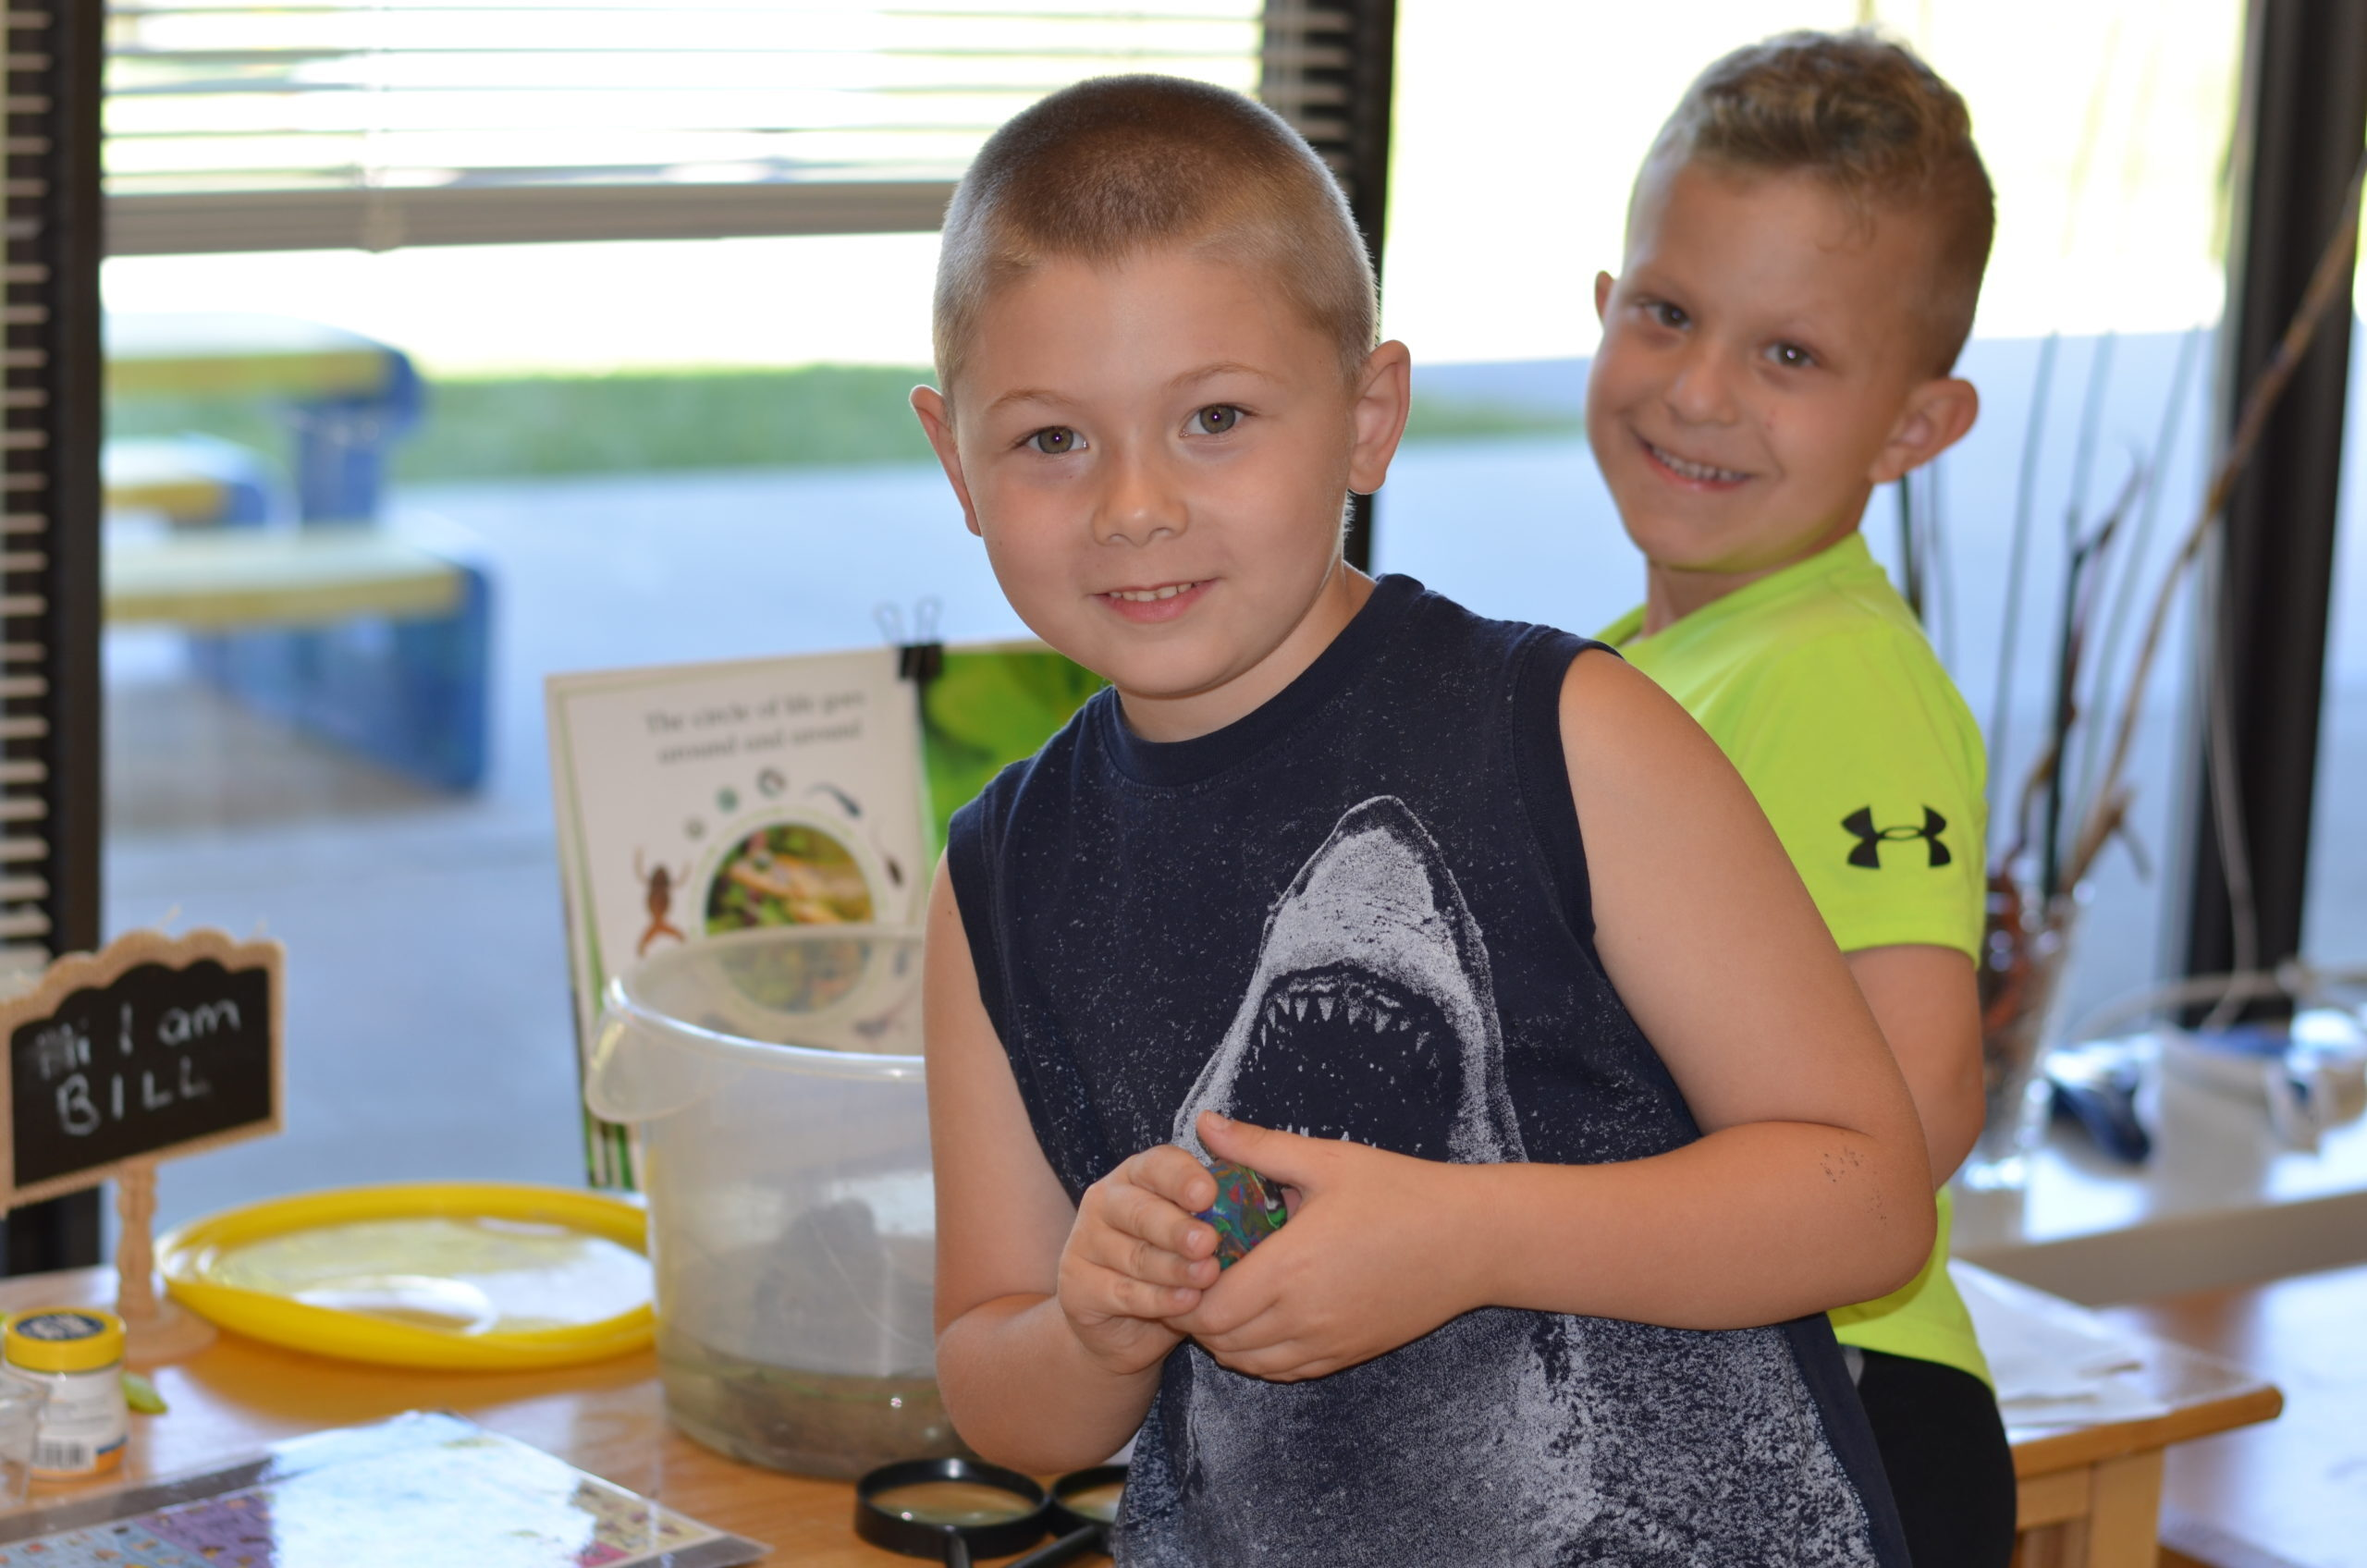 Boys having fun at summer camp